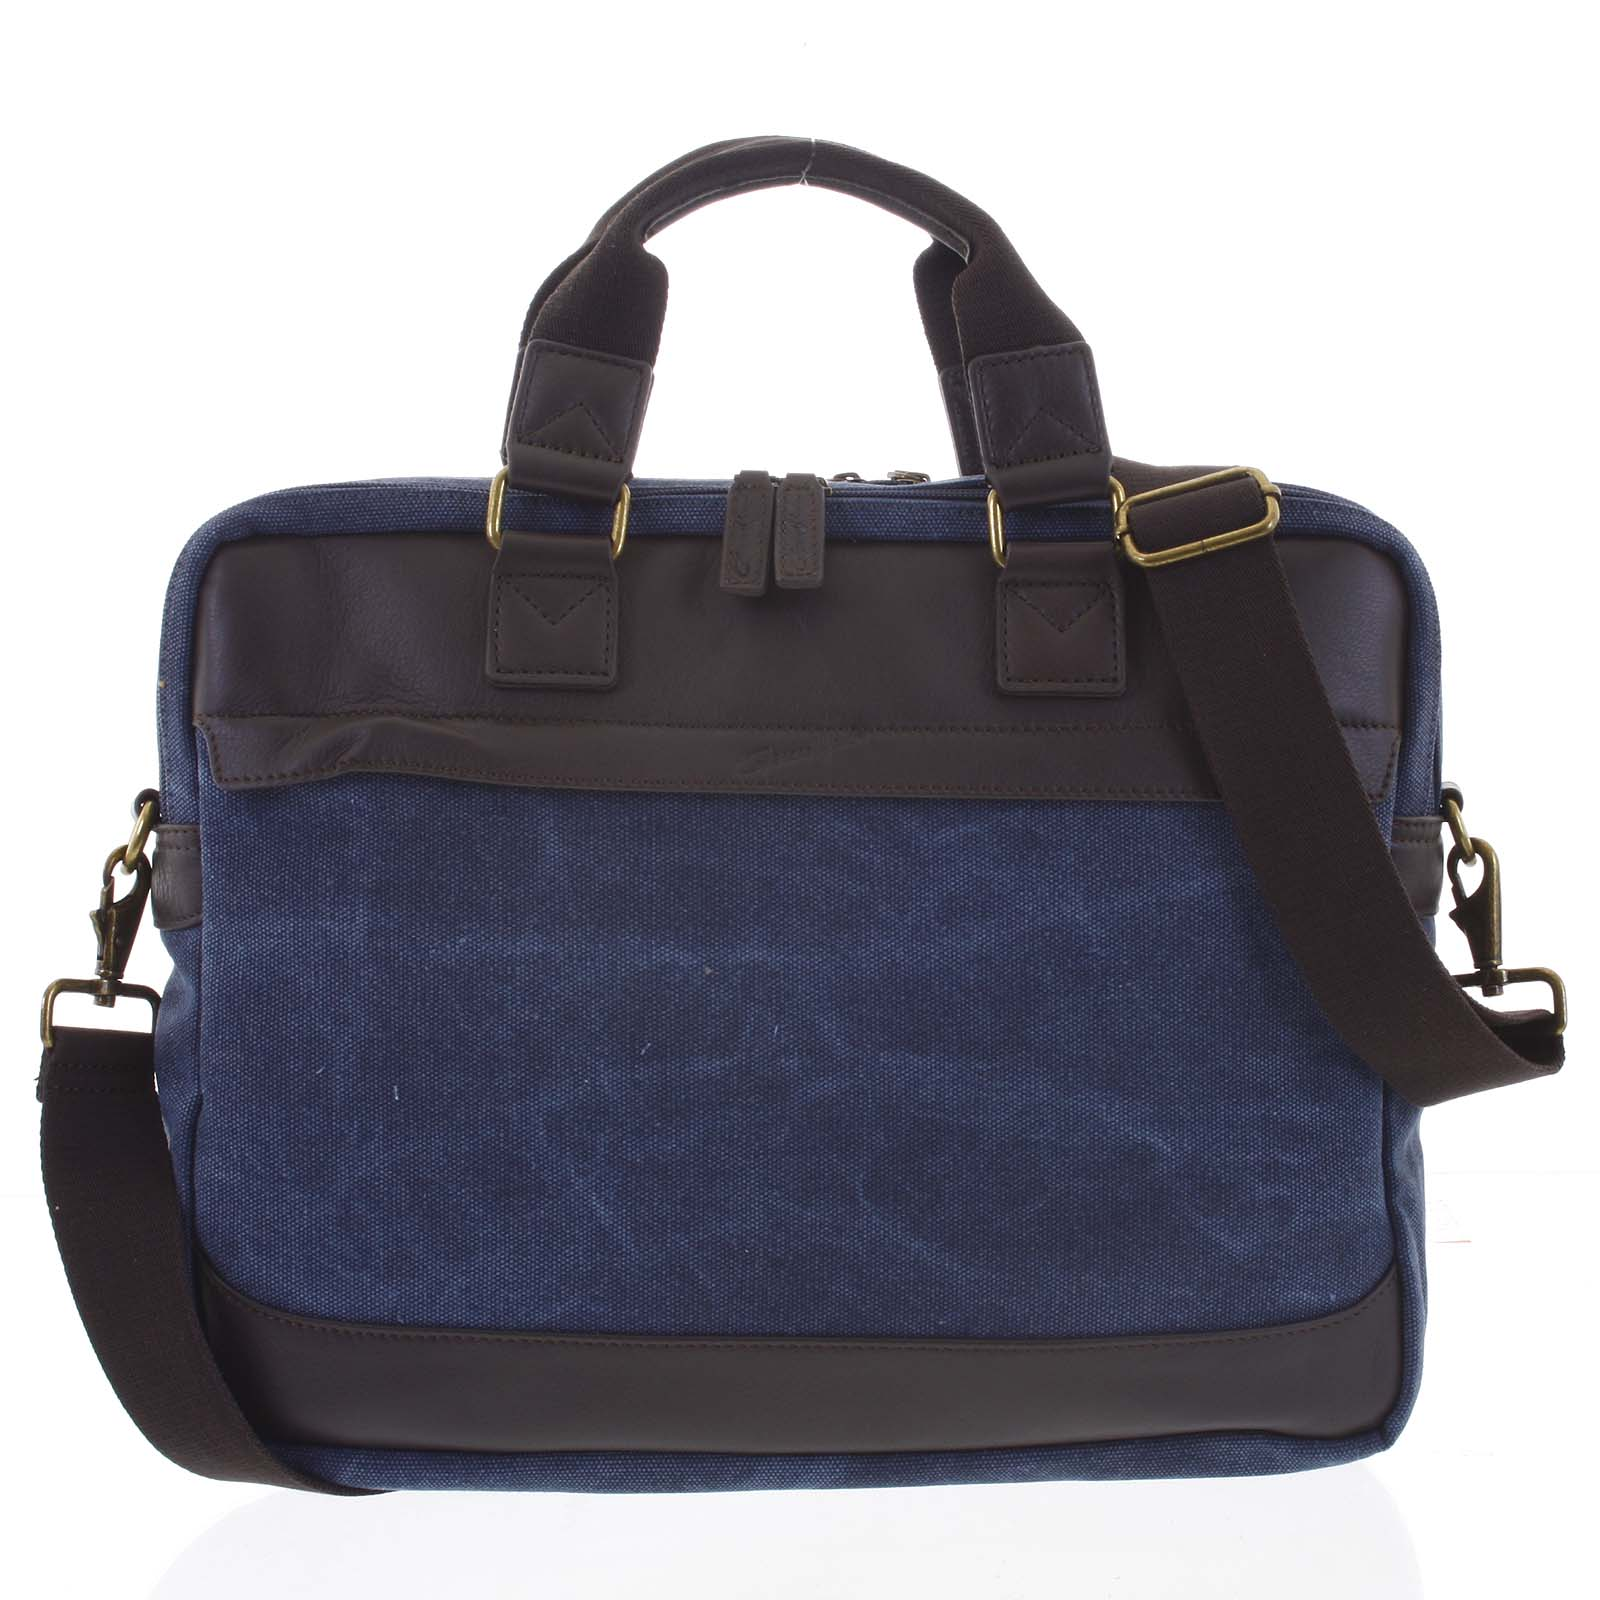 Luxusní střední pánská taška s koženými detaily modrá - Gerard Henon Baron modrá